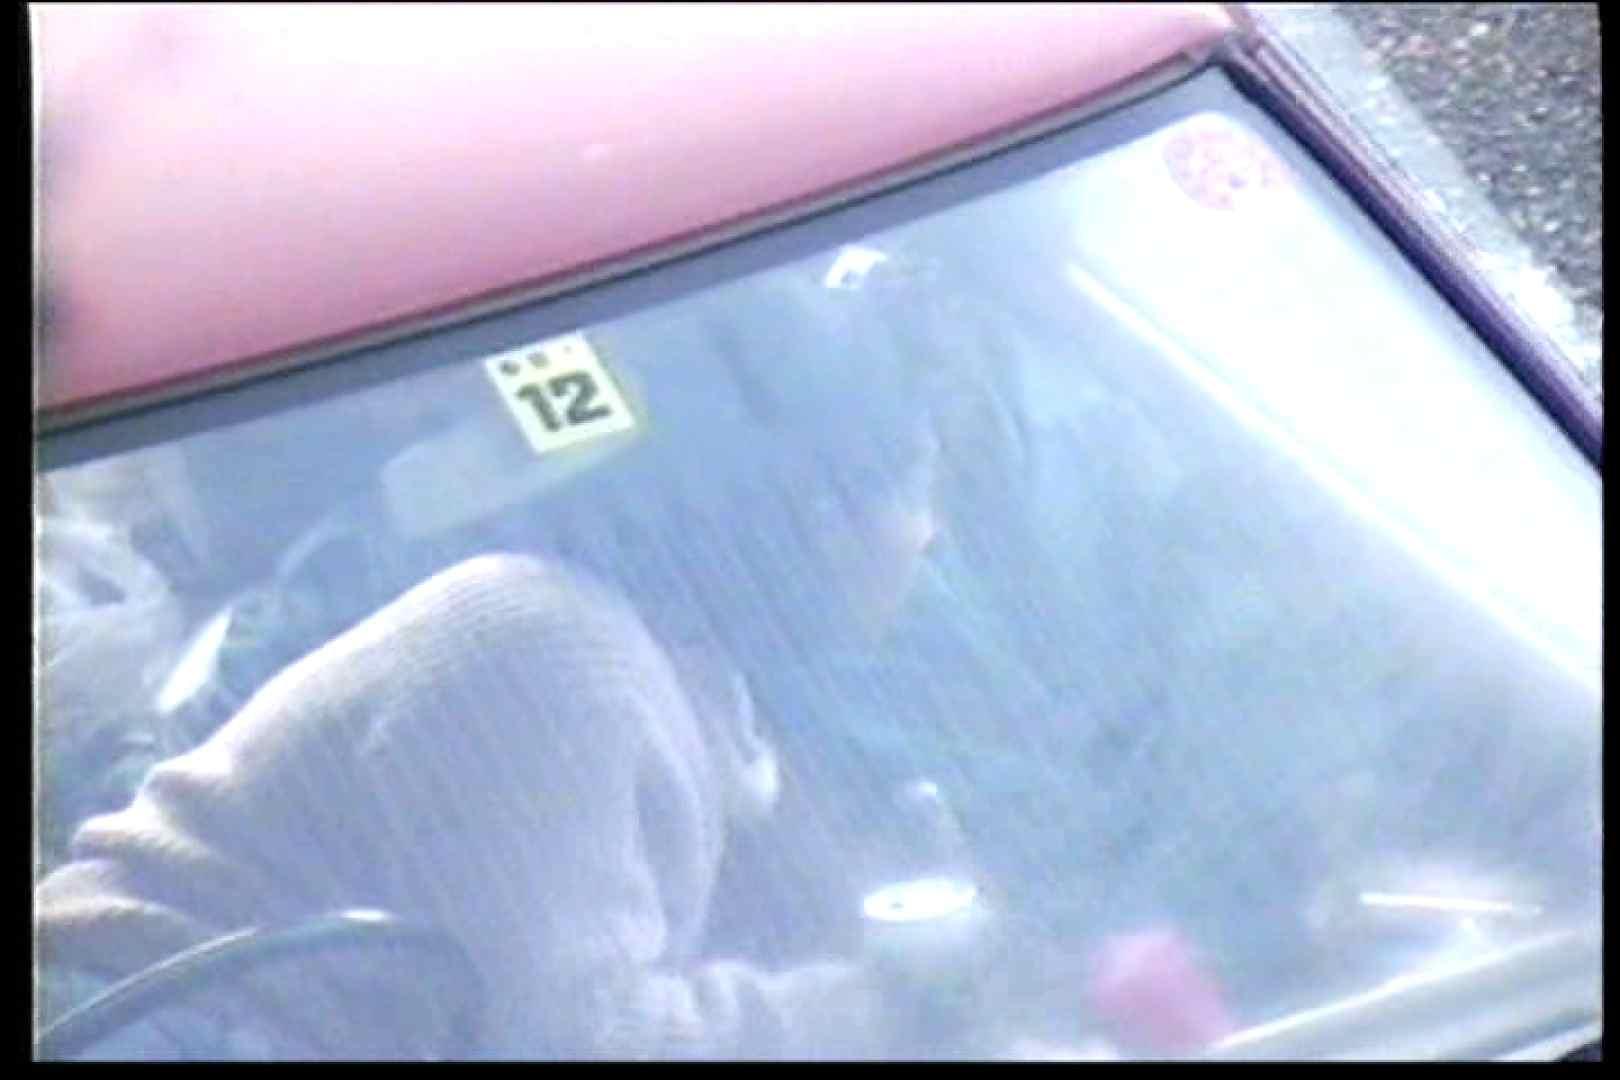 車の中はラブホテル 無修正版  Vol.12 OLの実態 盗撮ワレメ無修正動画無料 35pic 10